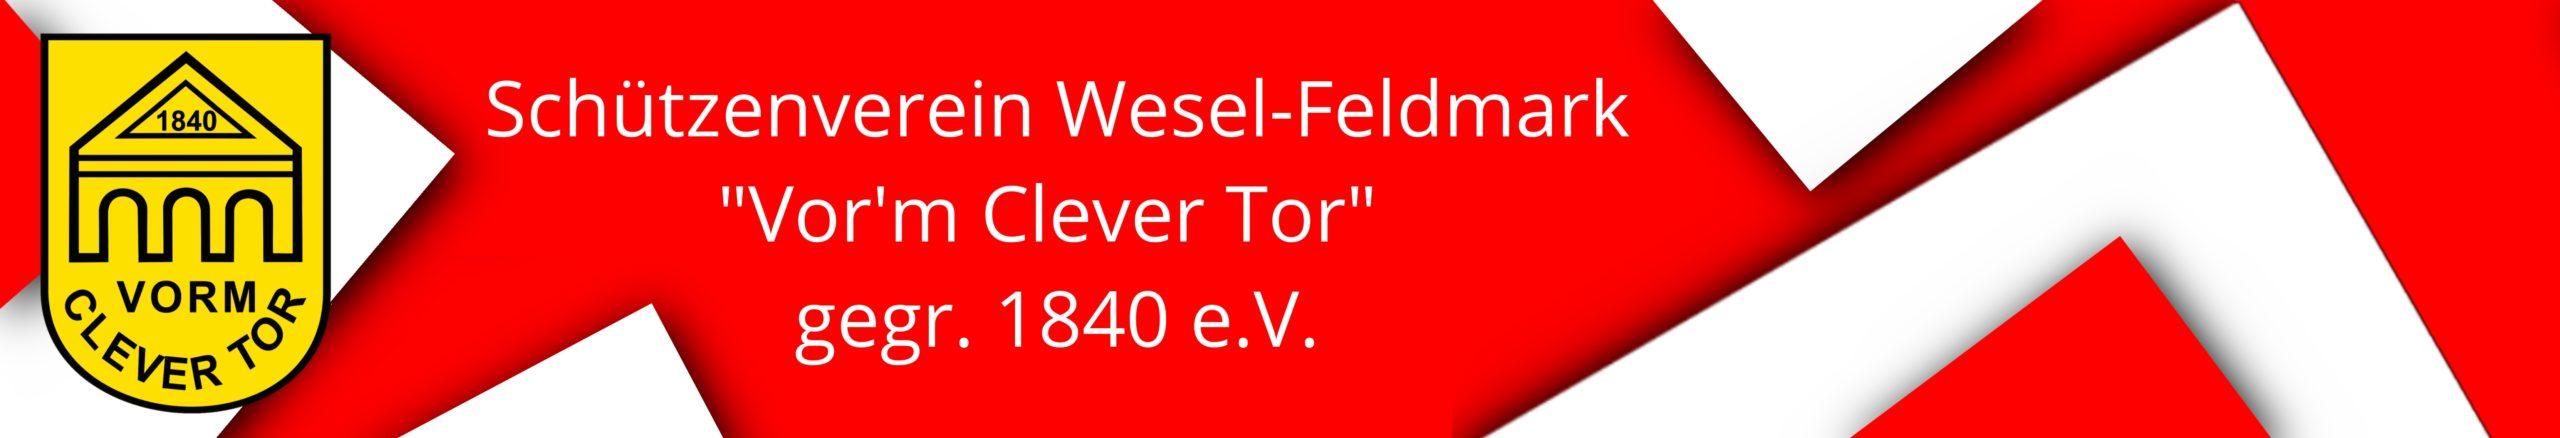 """Schützenverein Wesel-Feldmark """"vor' m Clever Tor"""" 1840 e.V."""